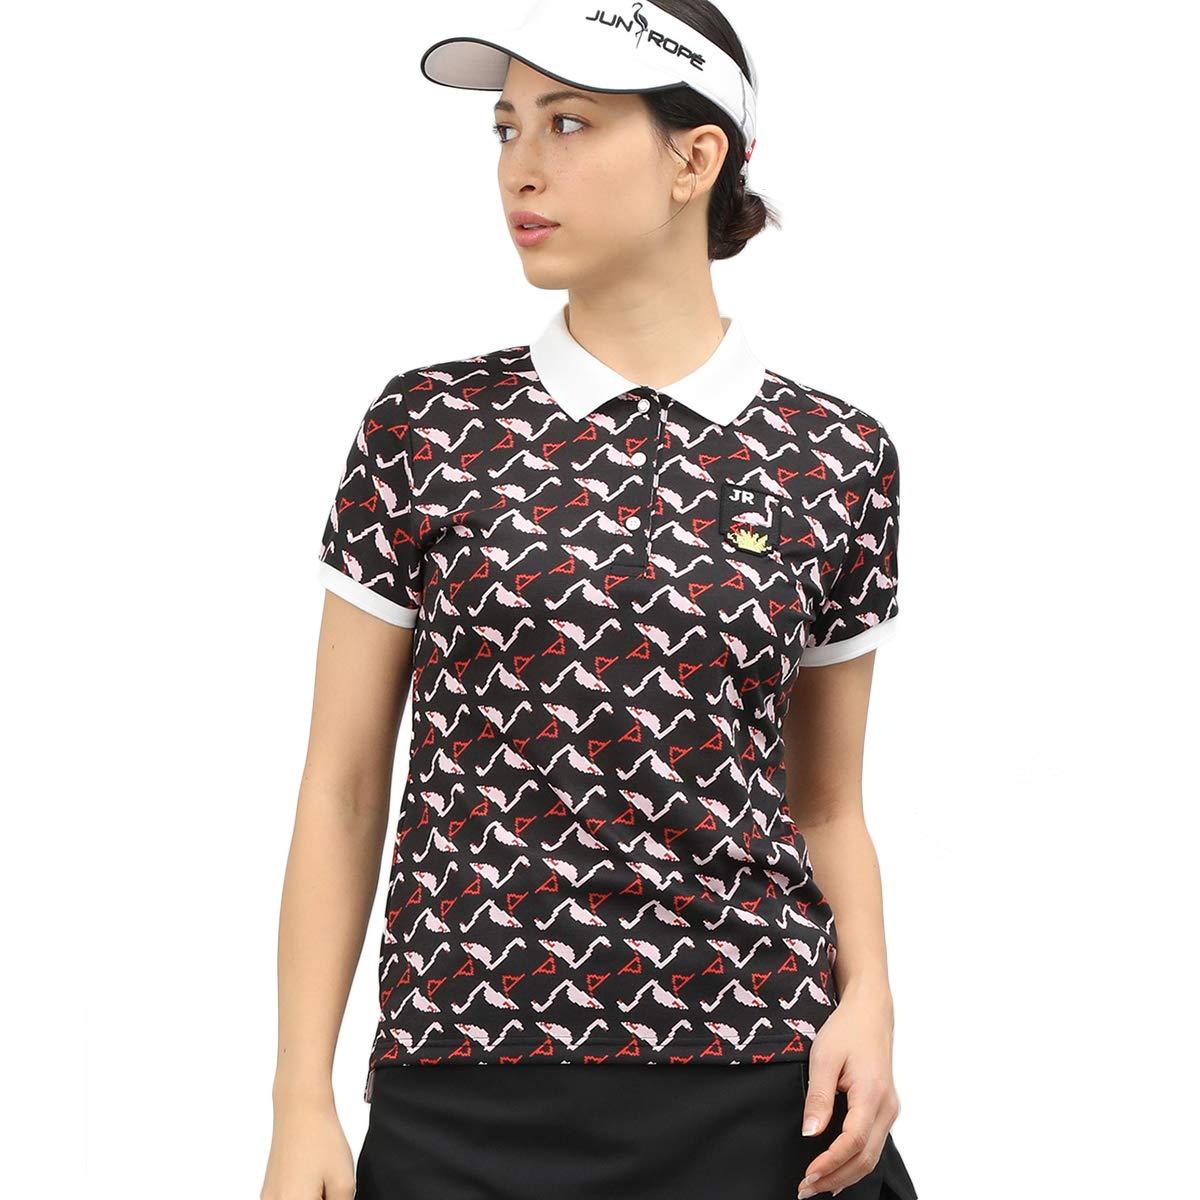 ジュン アンド ロペ JUN & ROPE 半袖シャツポロシャツ ピクセルフラミンゴPT半袖ポロシャツ レディス ブラック 01 S   B07R3XRLSR